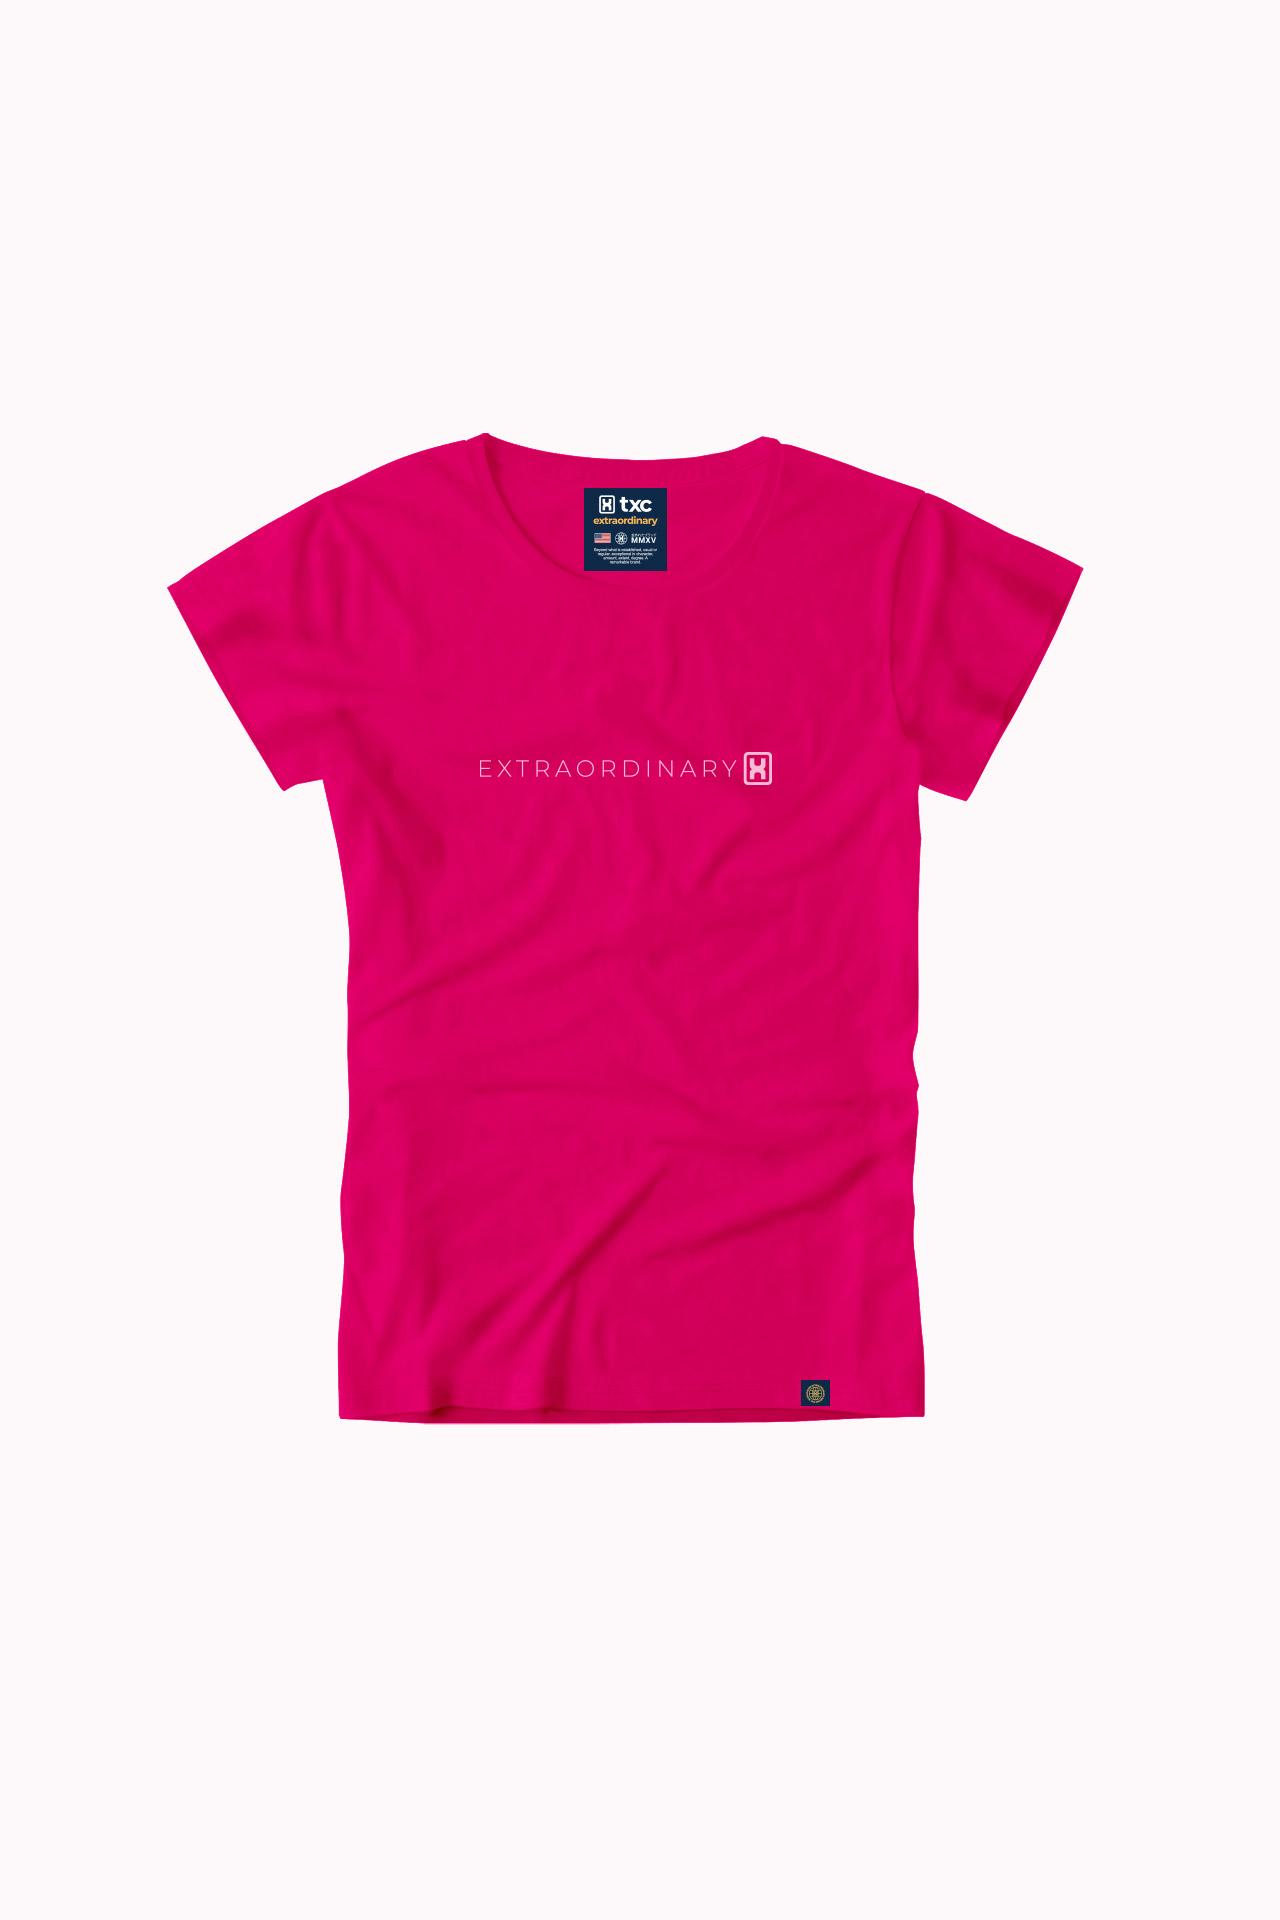 Camiseta Feminina TXC 4764